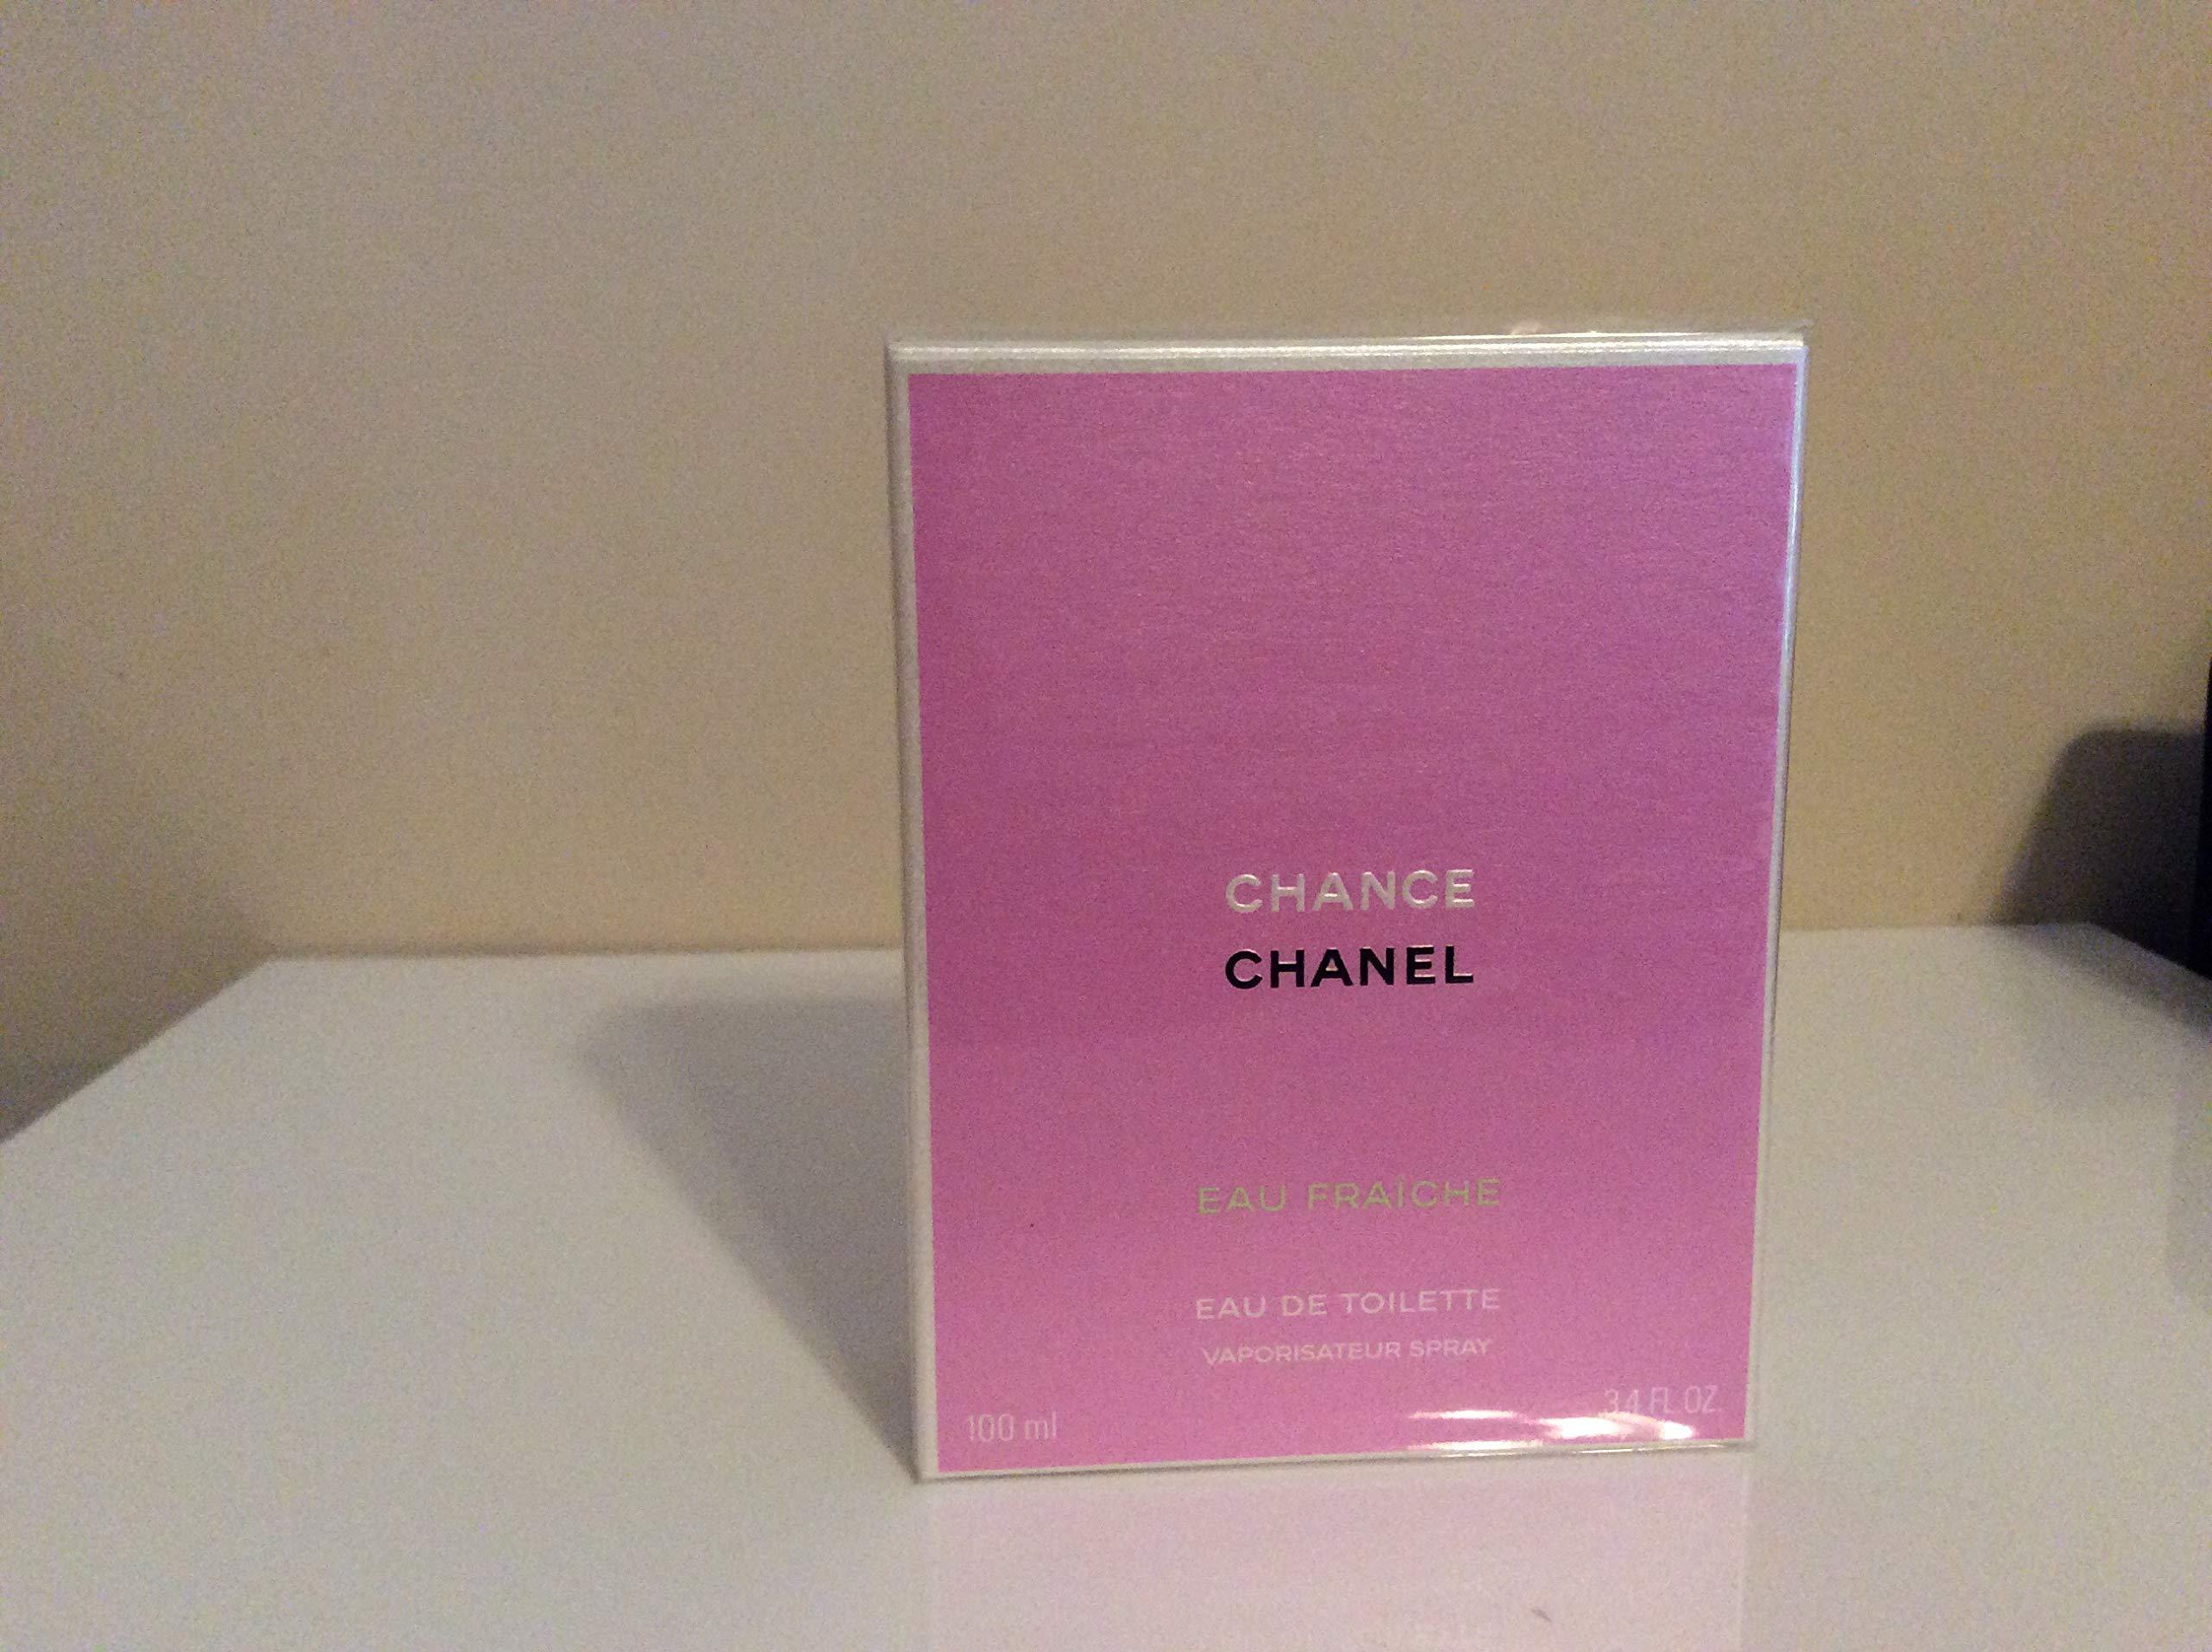 Chanel Chance Eau Fraiche Eau De Toilette EDT 100ml./3.4oz.